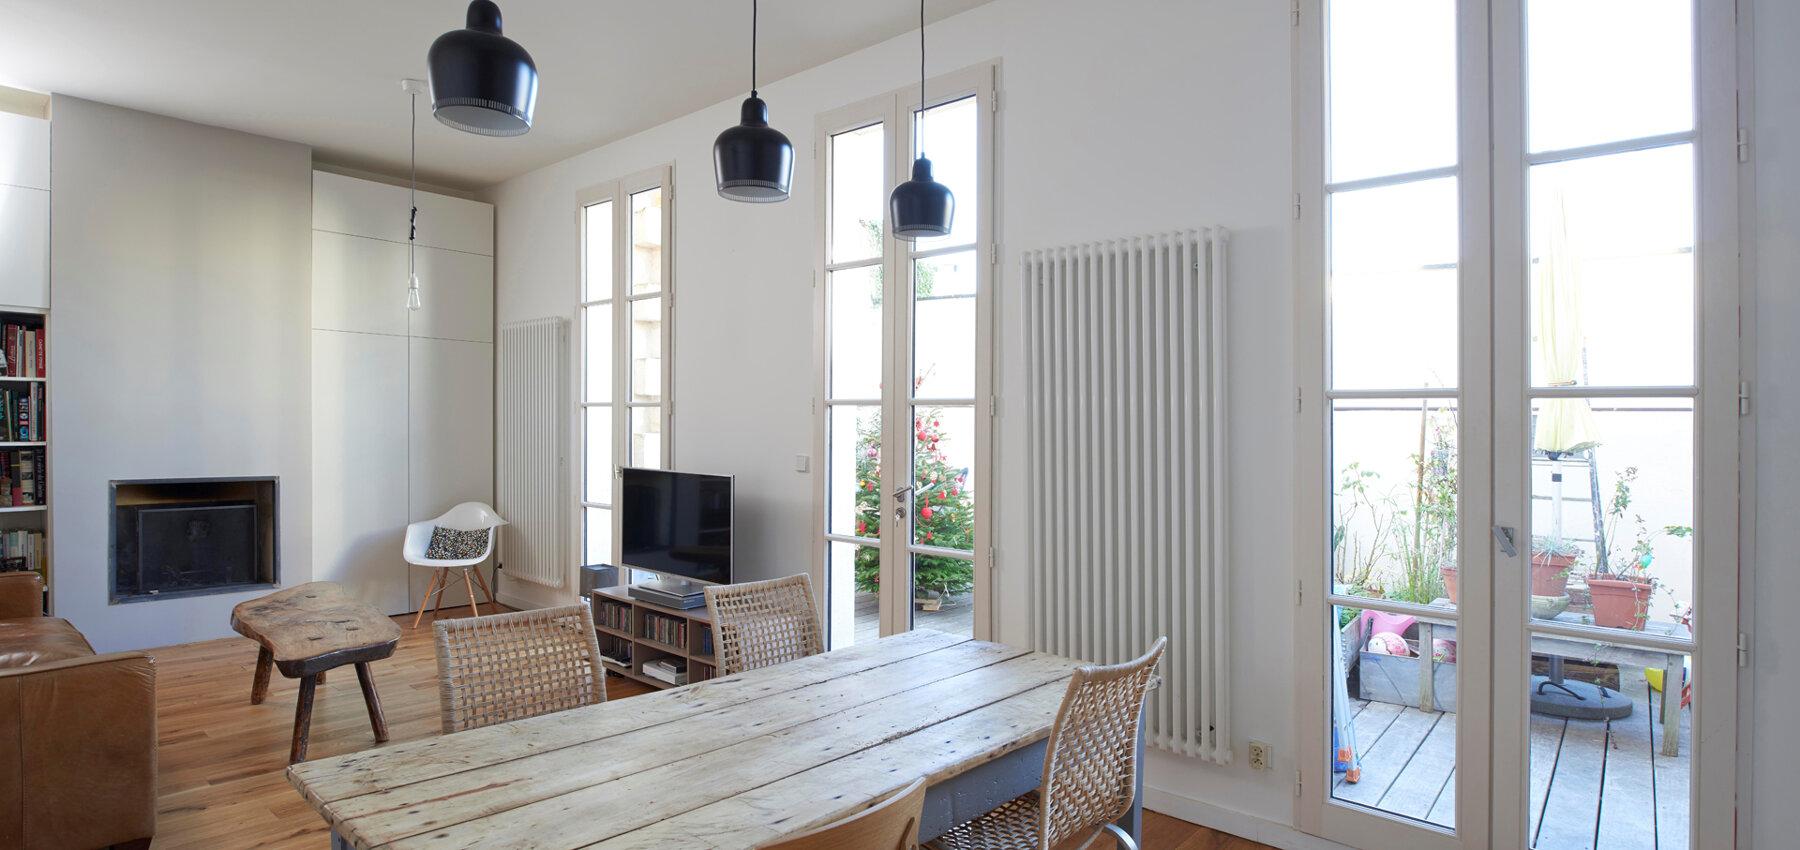 Appartement Chartrons, retructuration complète d'un appartement ancien.